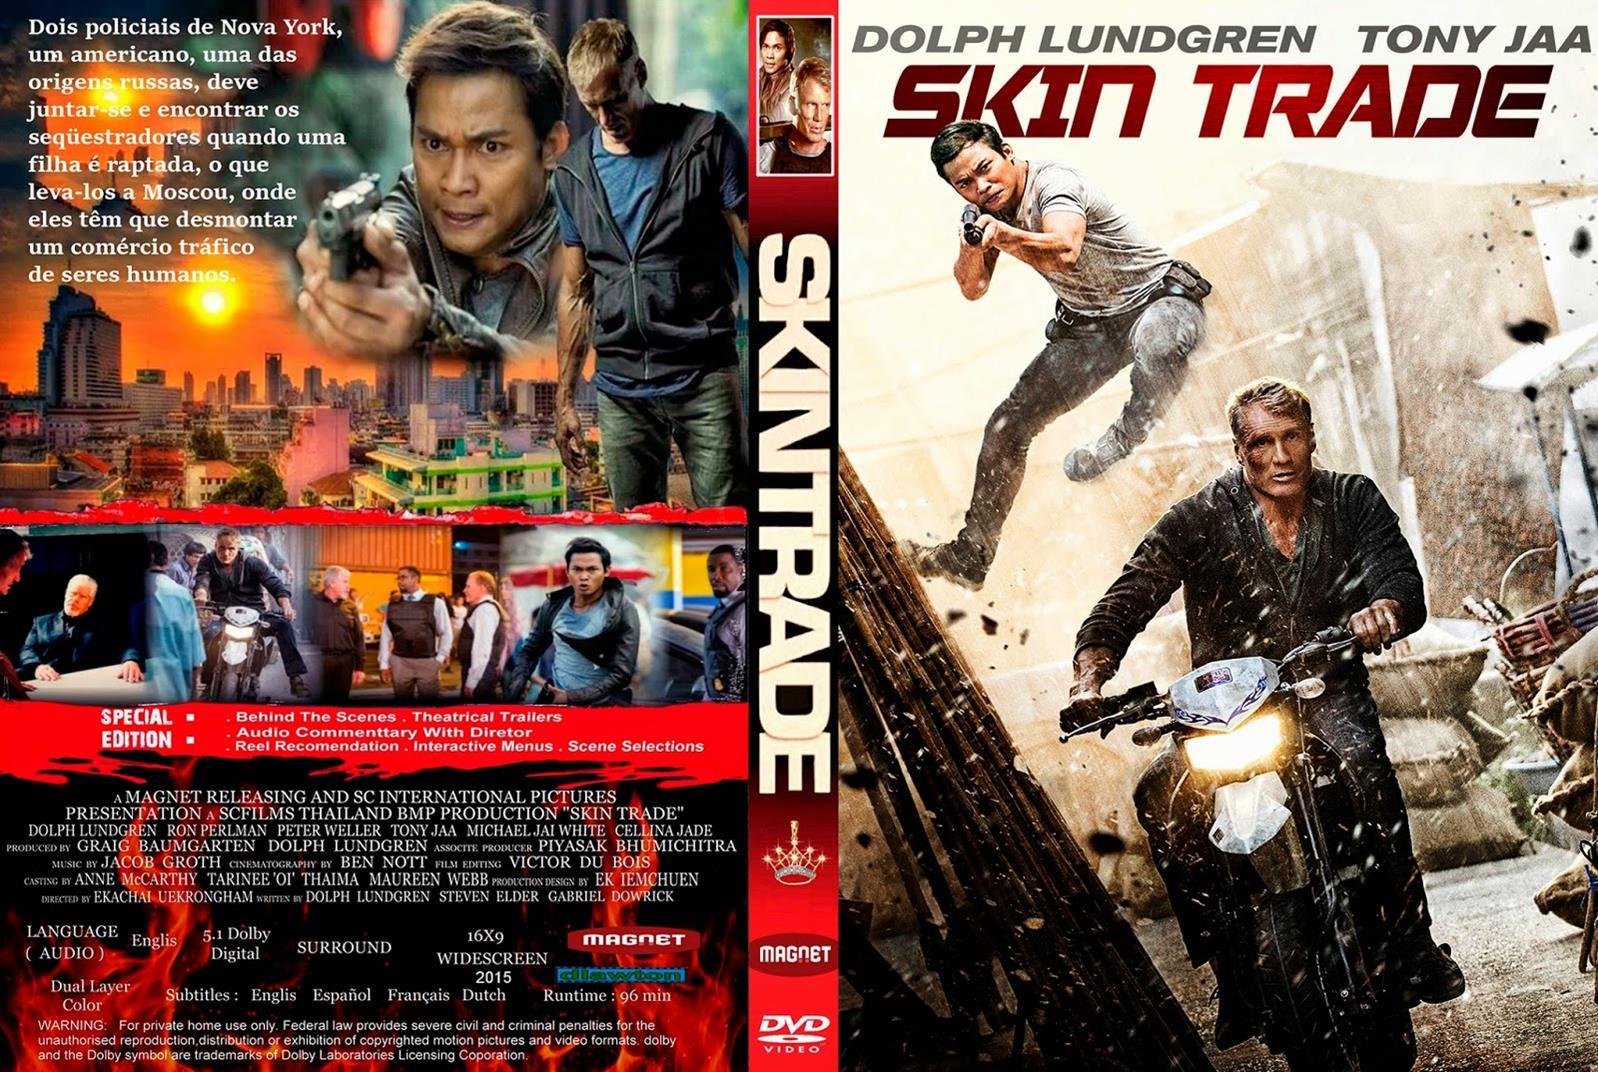 Download Skin Trade Em Busca de Vingança BDRip XviD Dual Áudio SKIN 2BTRADE